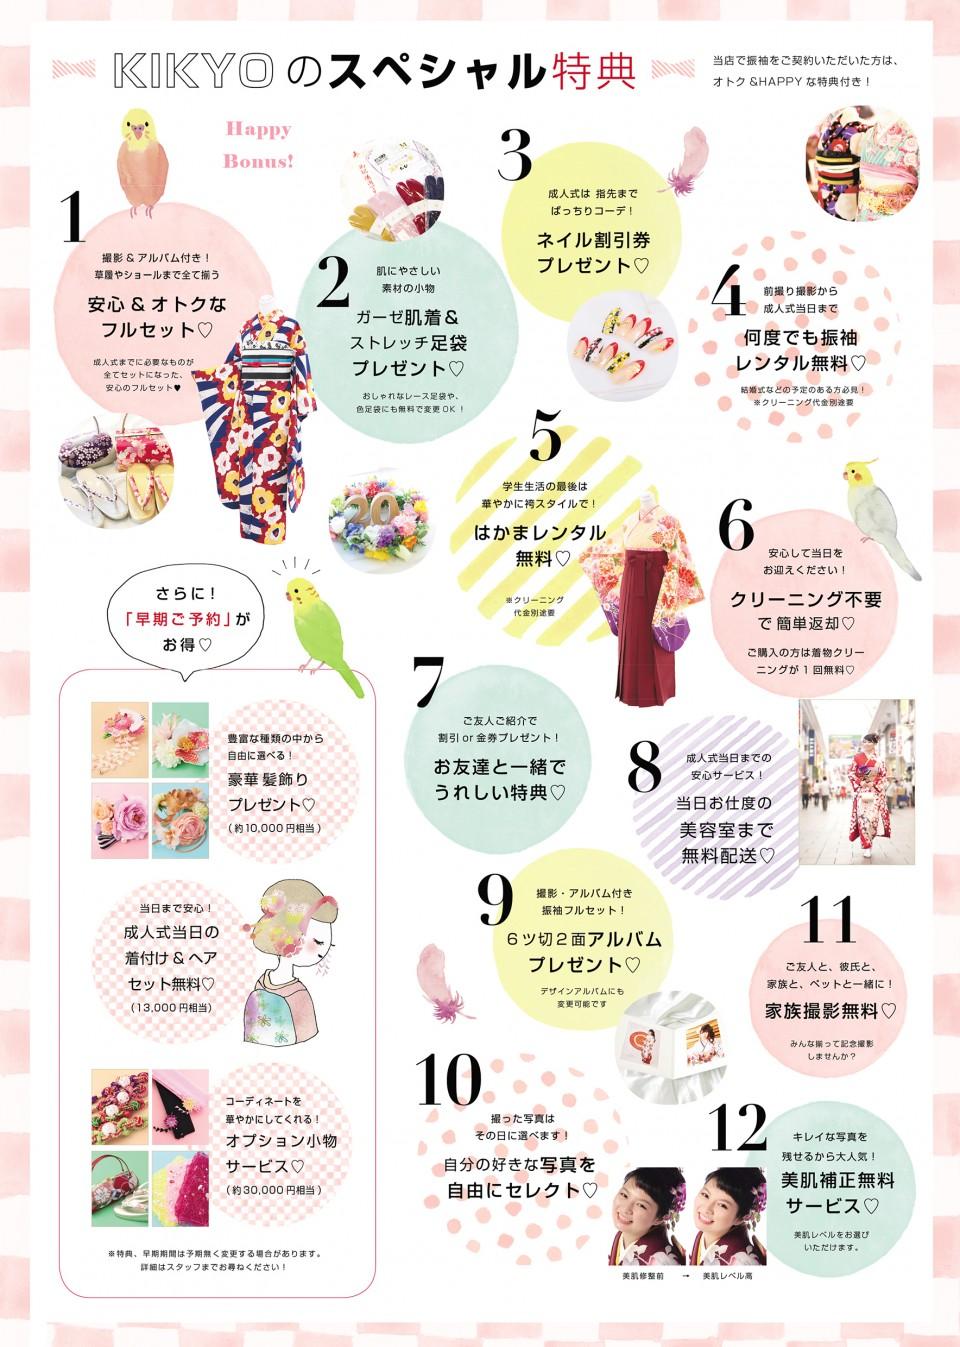 KIKYO2018-menu2